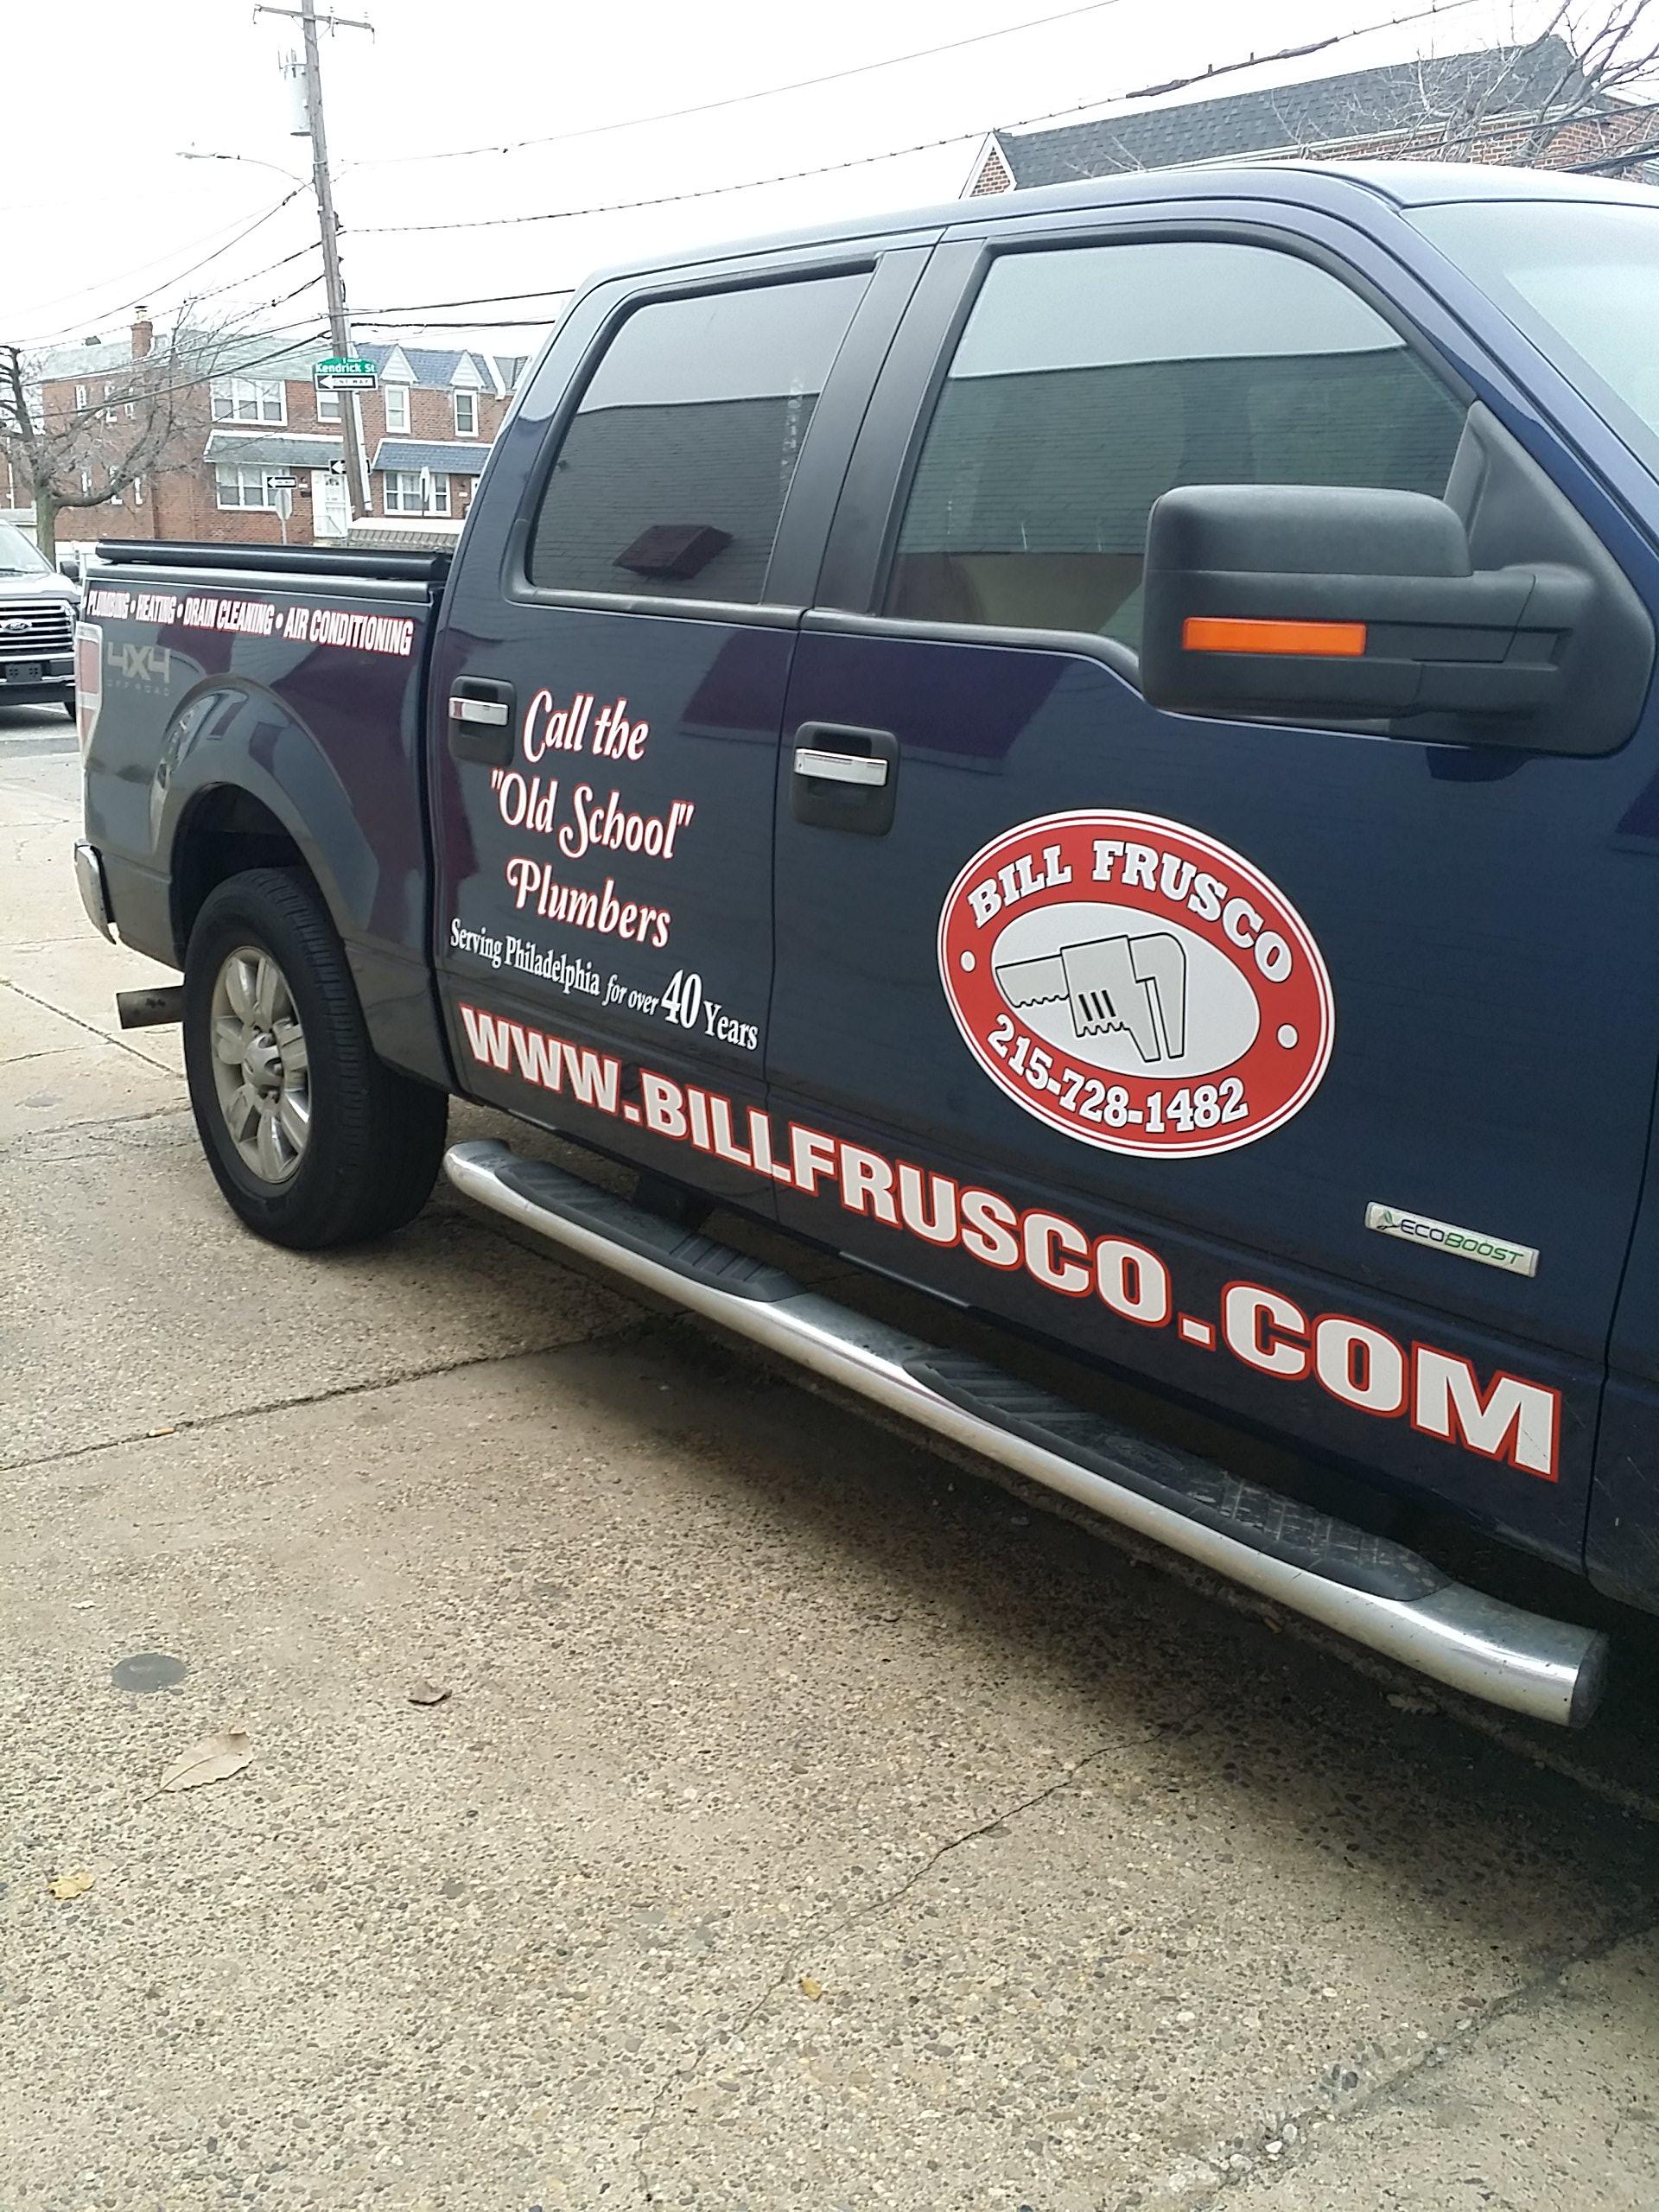 Bill Frusco in Philadelphia, PA, photo #9